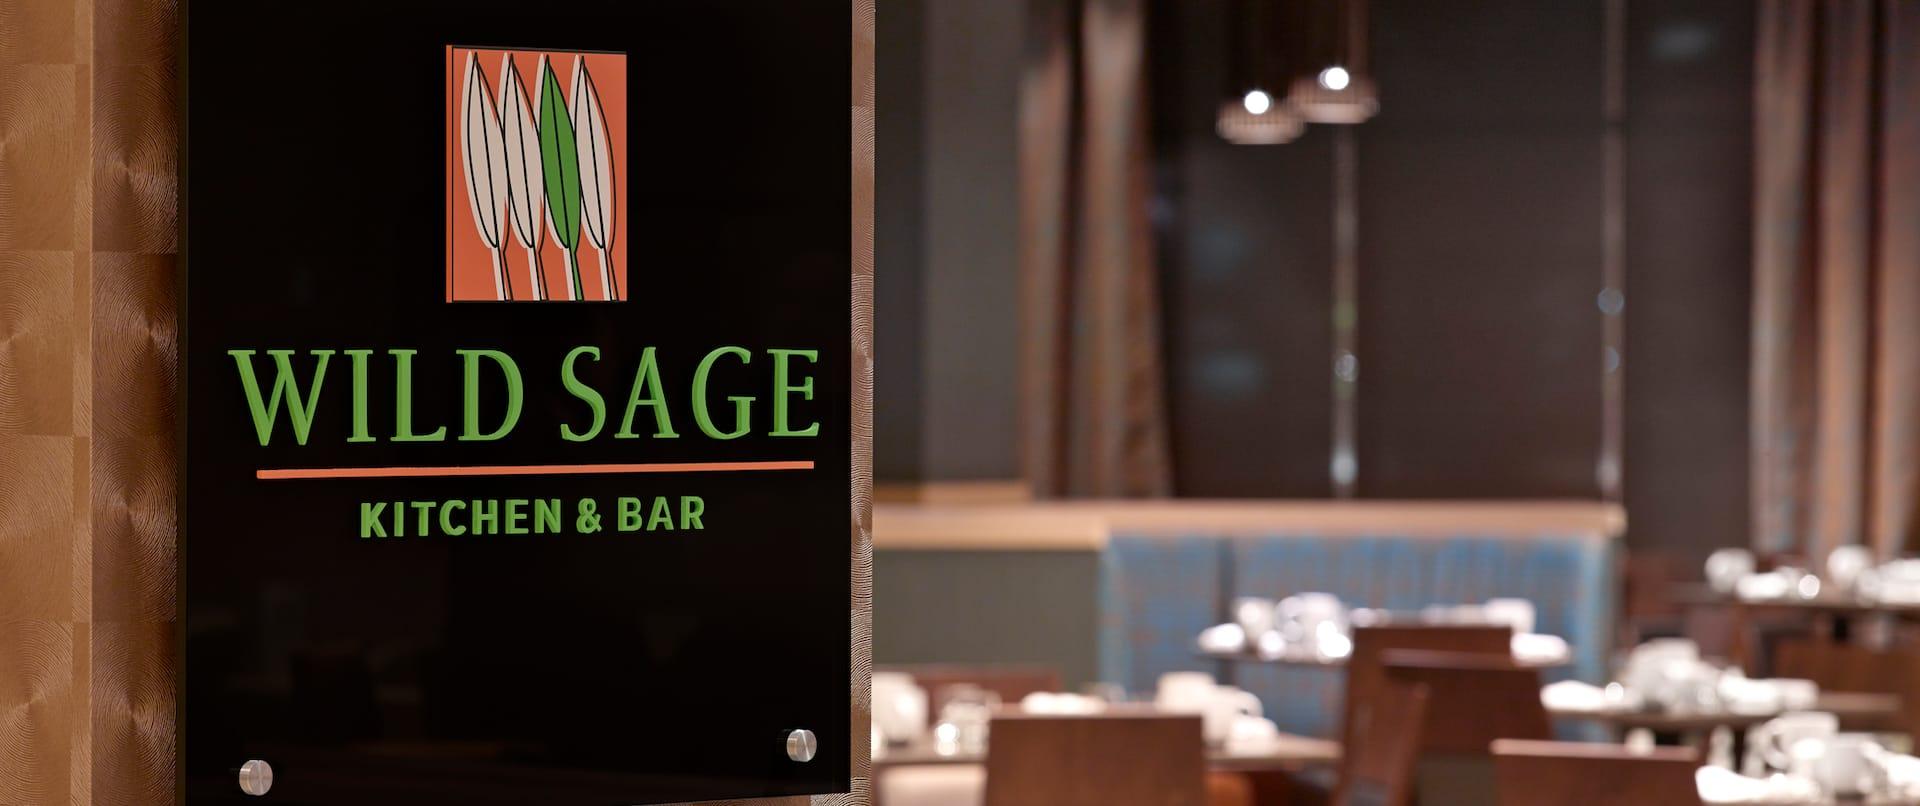 Wild Sage Restaurant